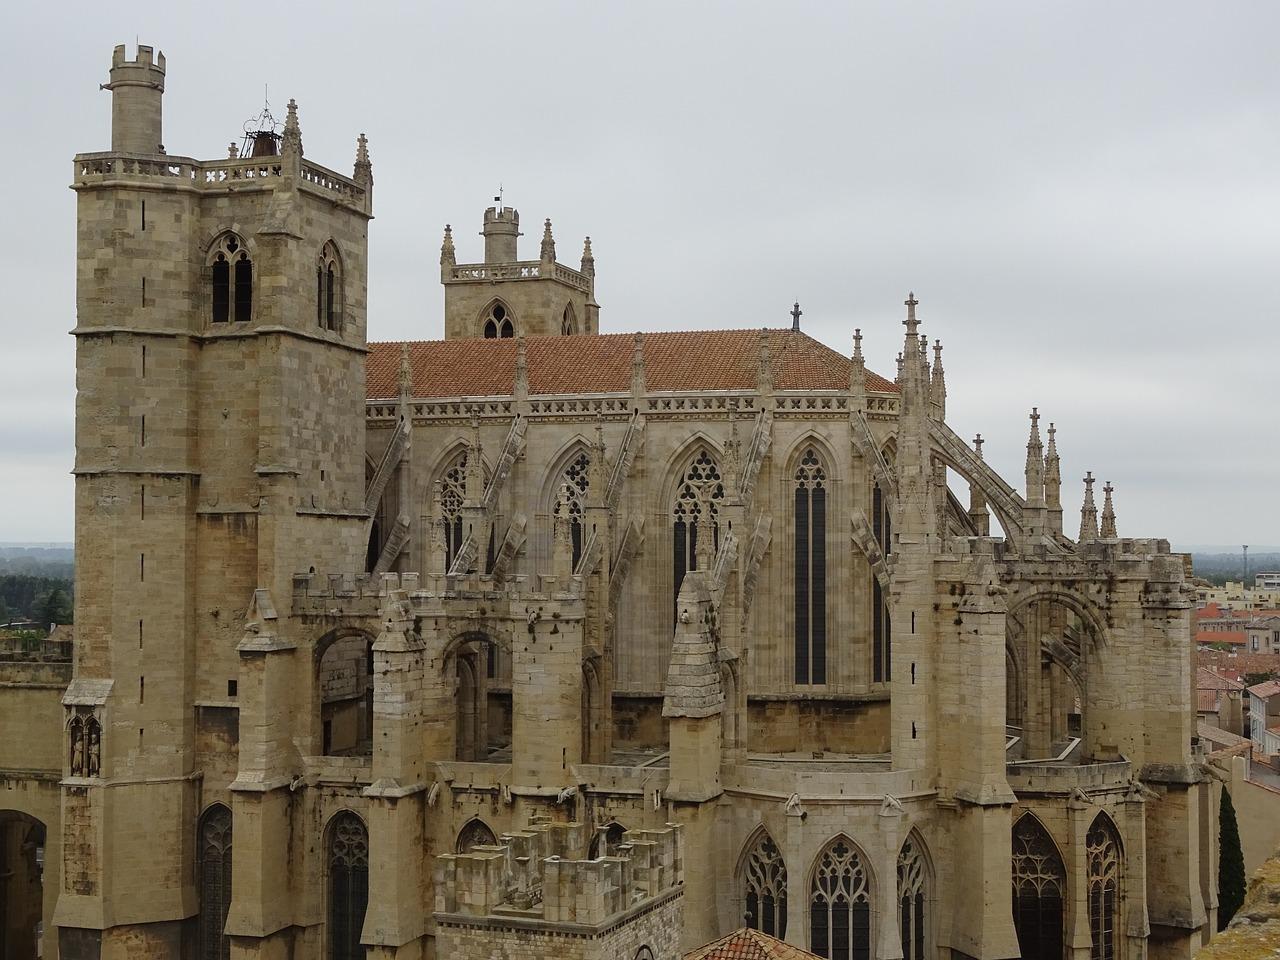 Frankreich Mittelmeerküste, Urlaub, Reise, Narbonne, Kathedrale